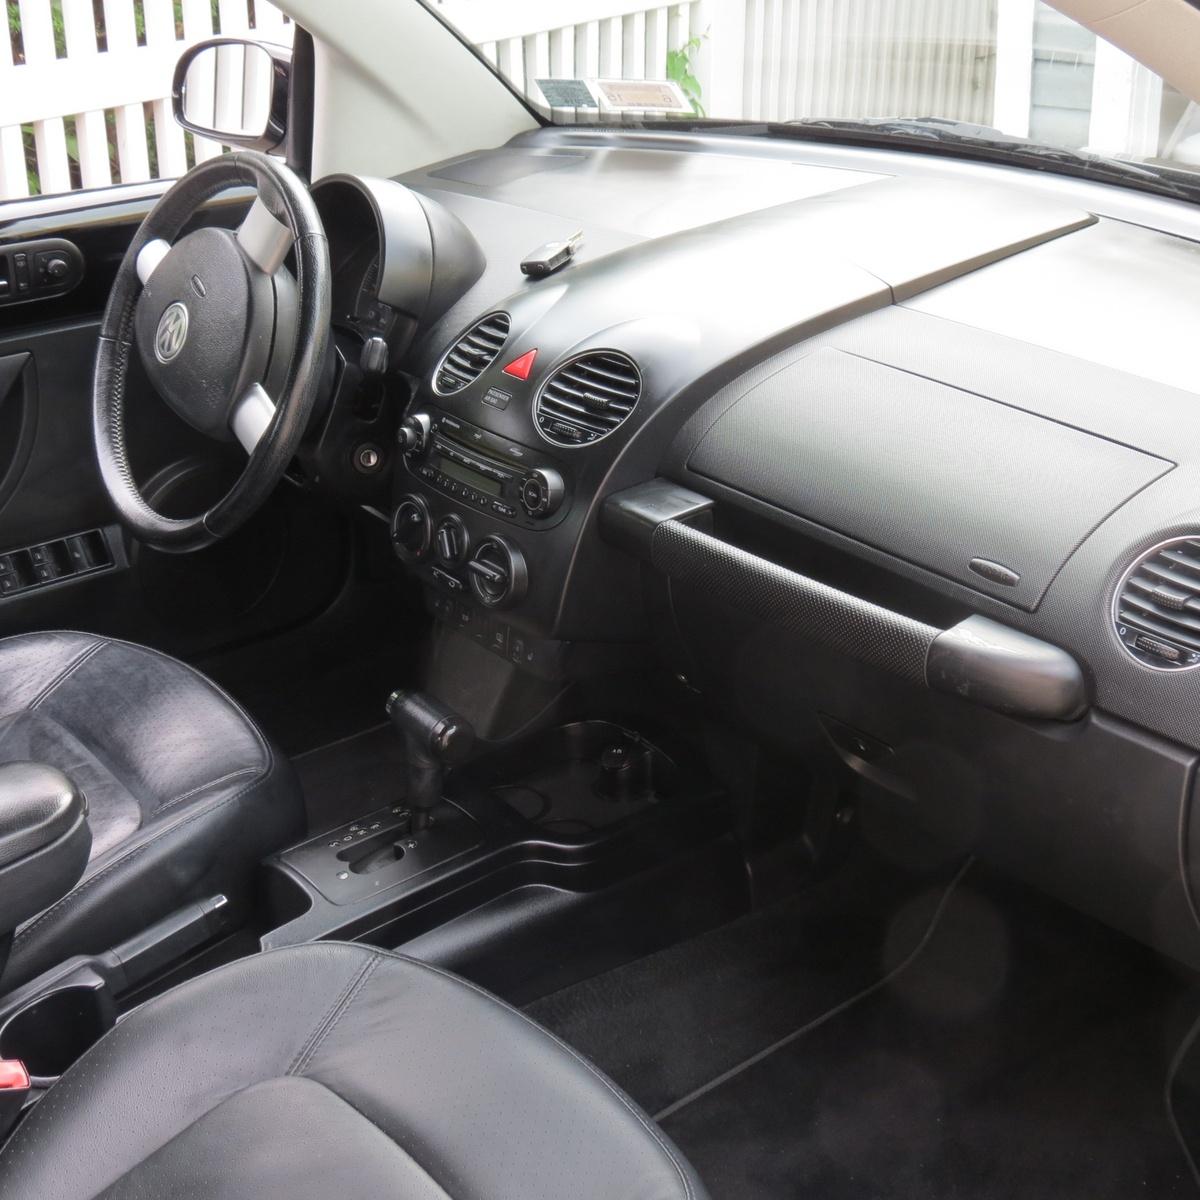 2007 Volkswagen Beetle Interior Pictures Cargurus